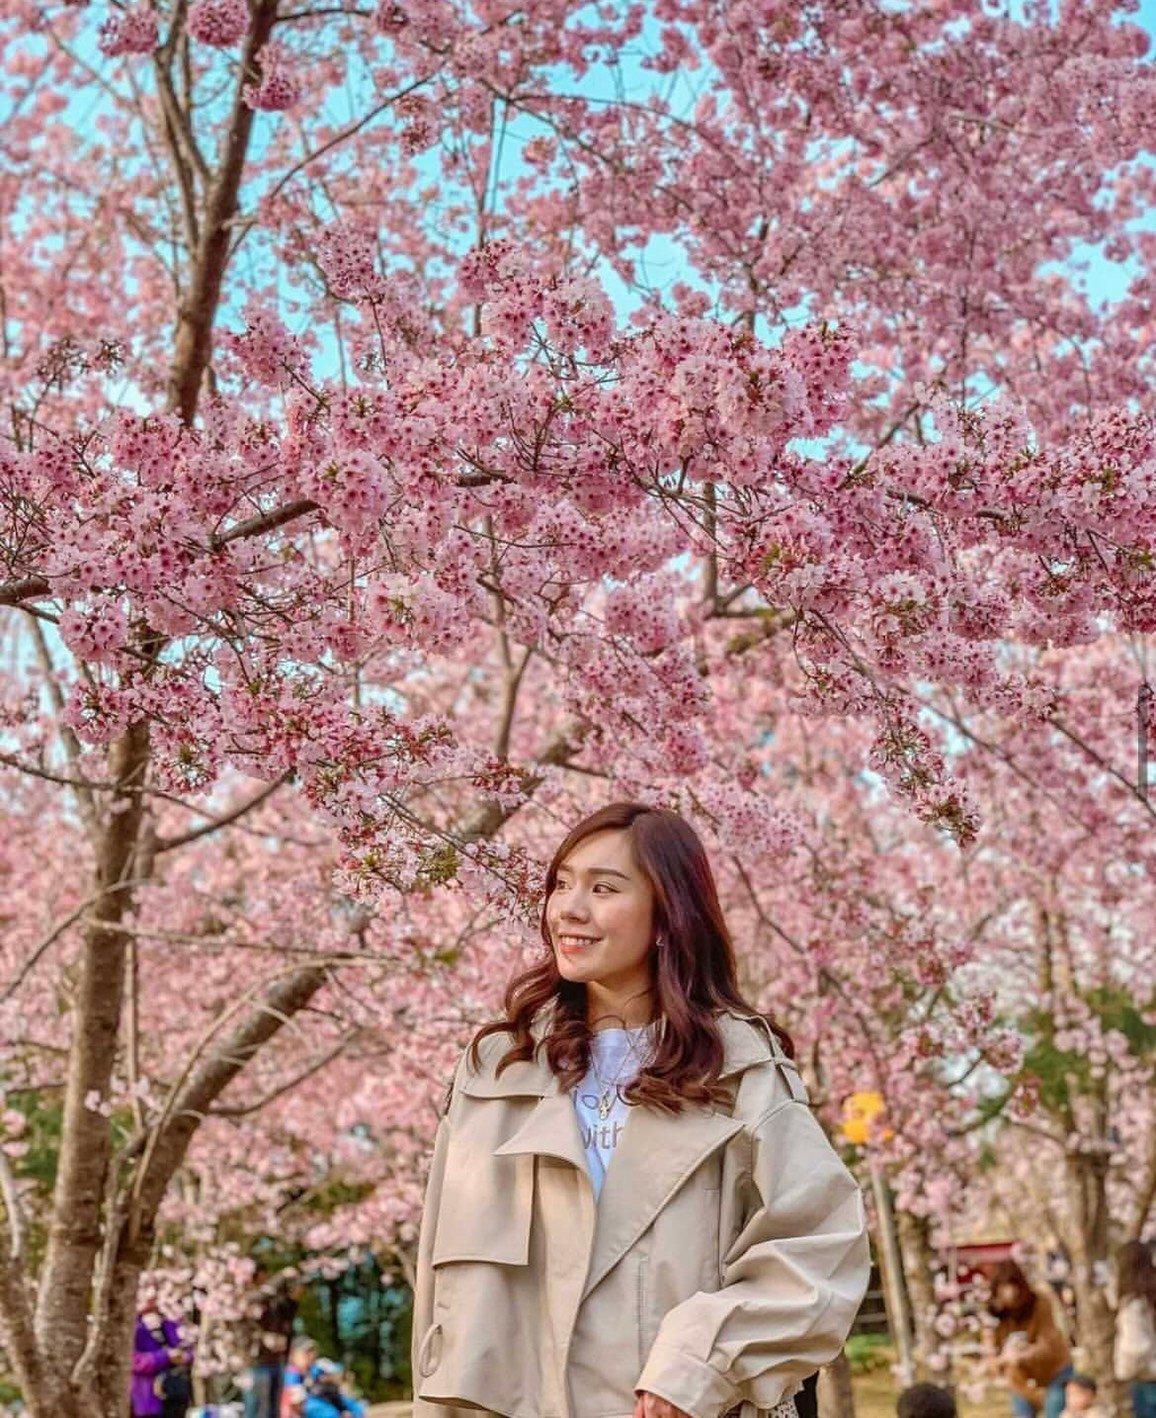 桃園拉拉山恩愛農場櫻花季